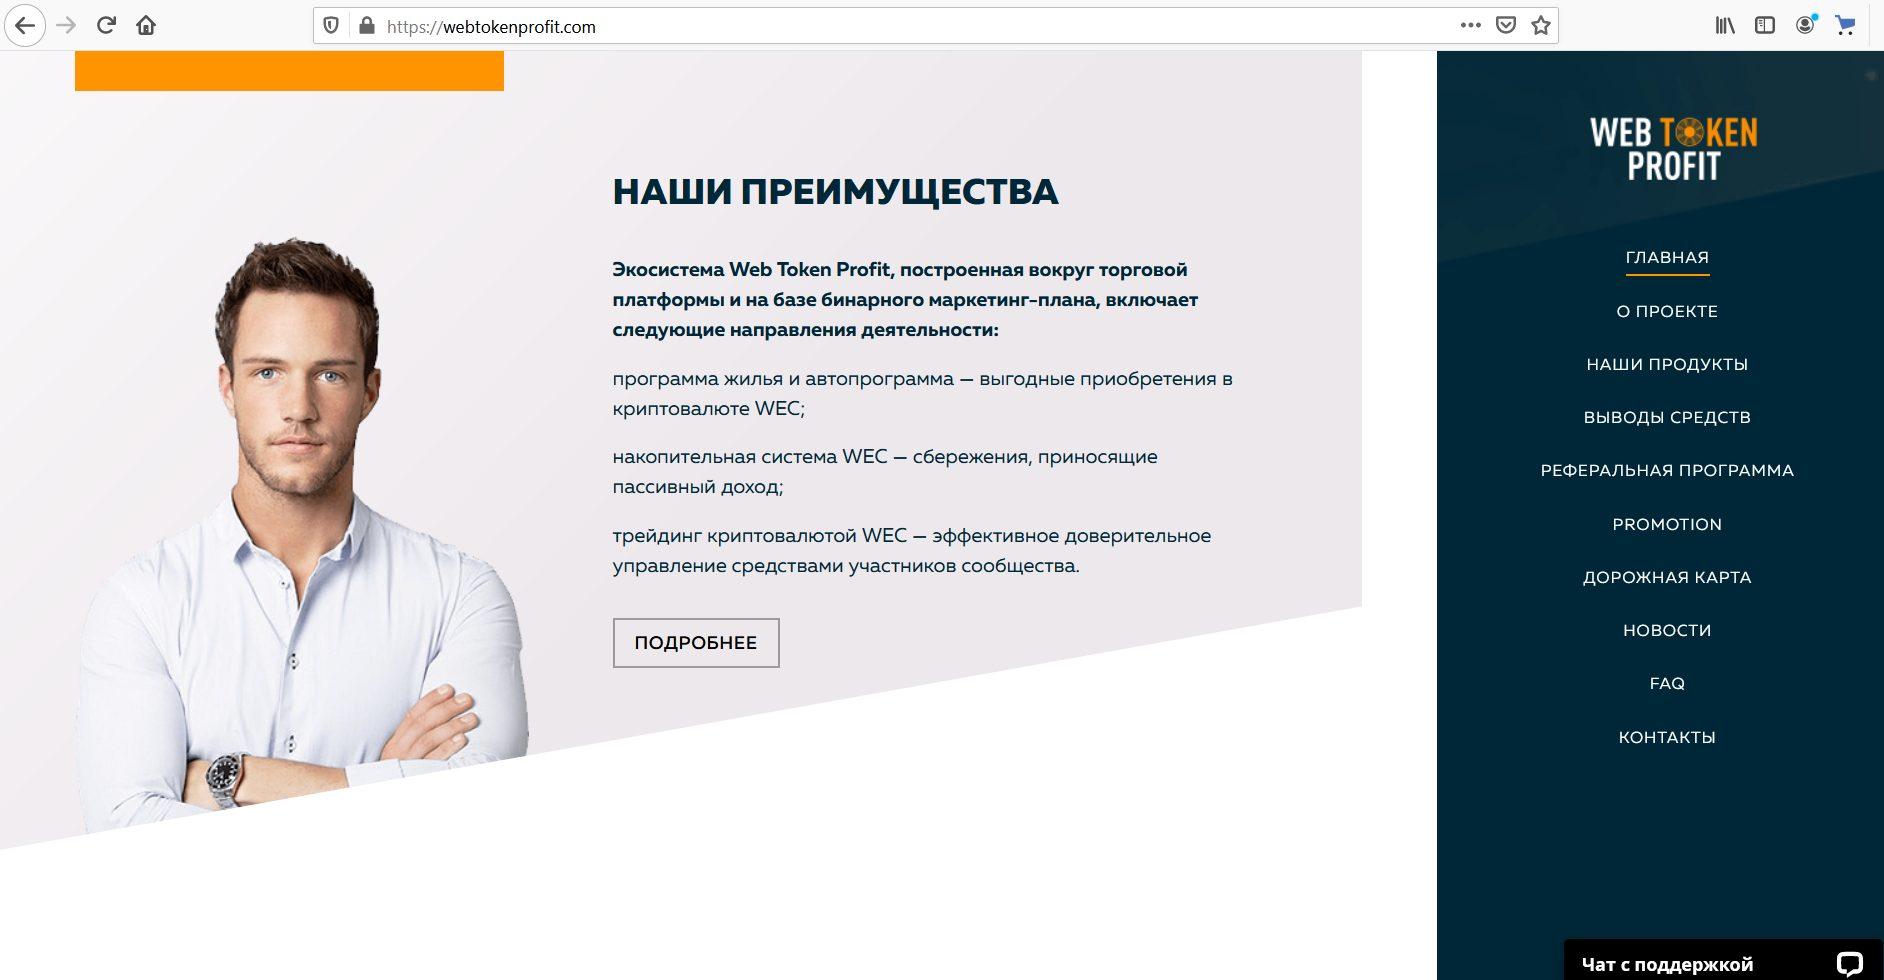 Главная страница сайта Web Token Profit